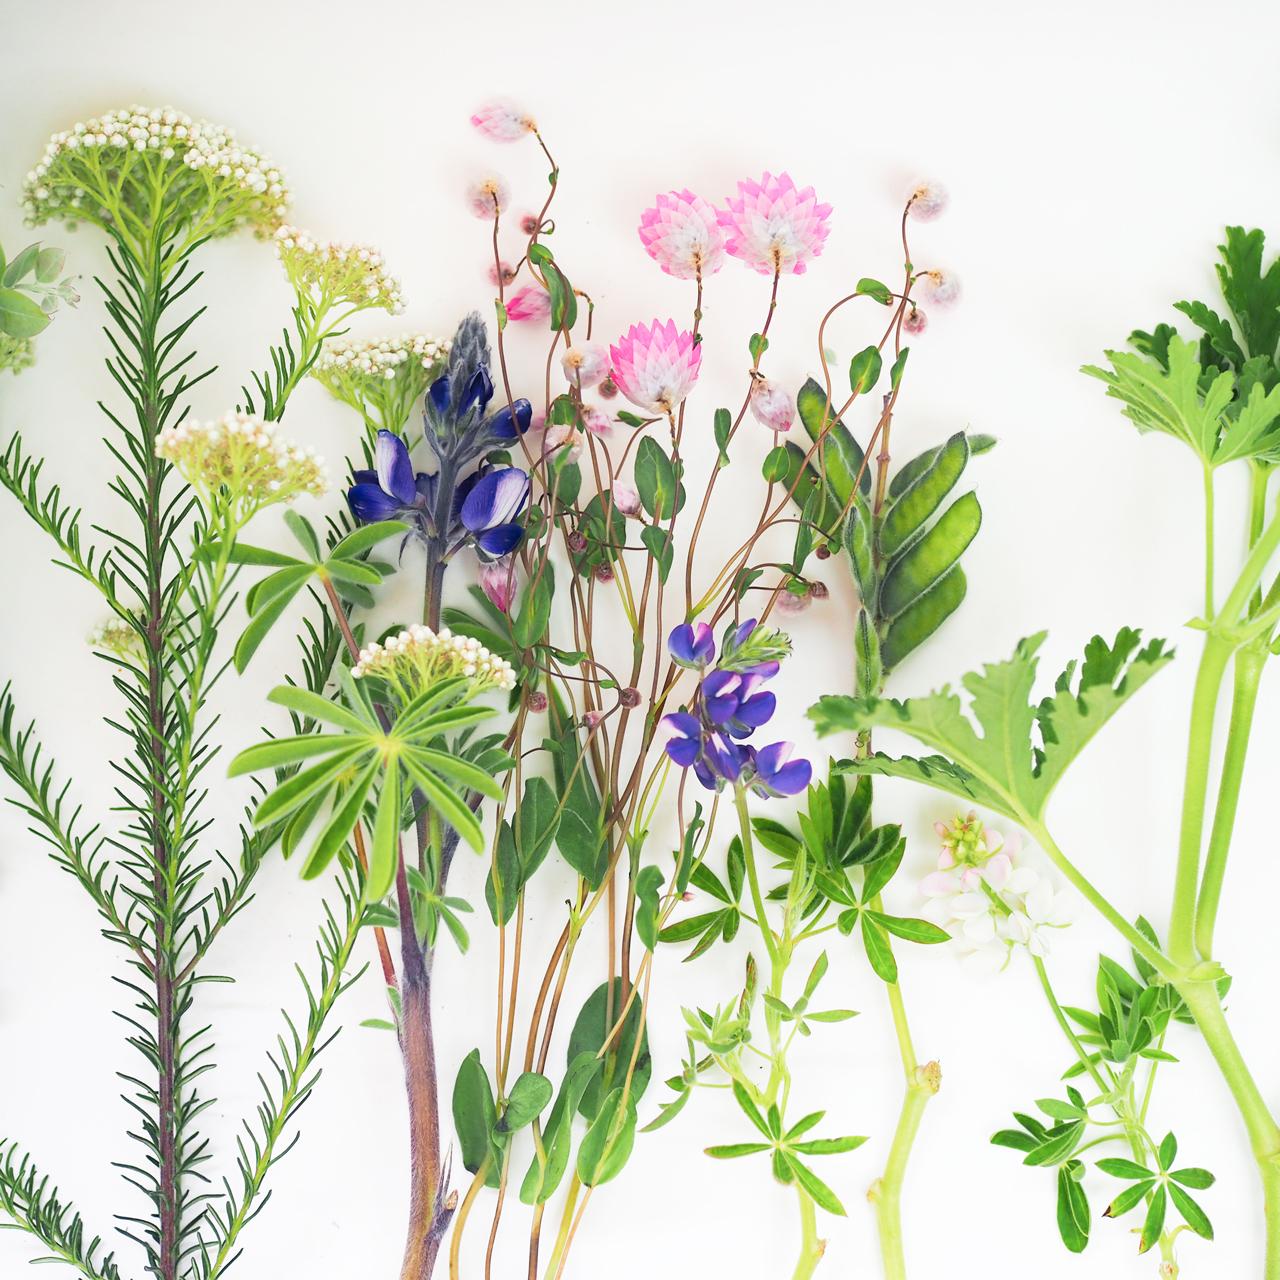 【生産地直送】有名生産地から季節の個性派草花ミックス 1ケース(30〜60本入り)